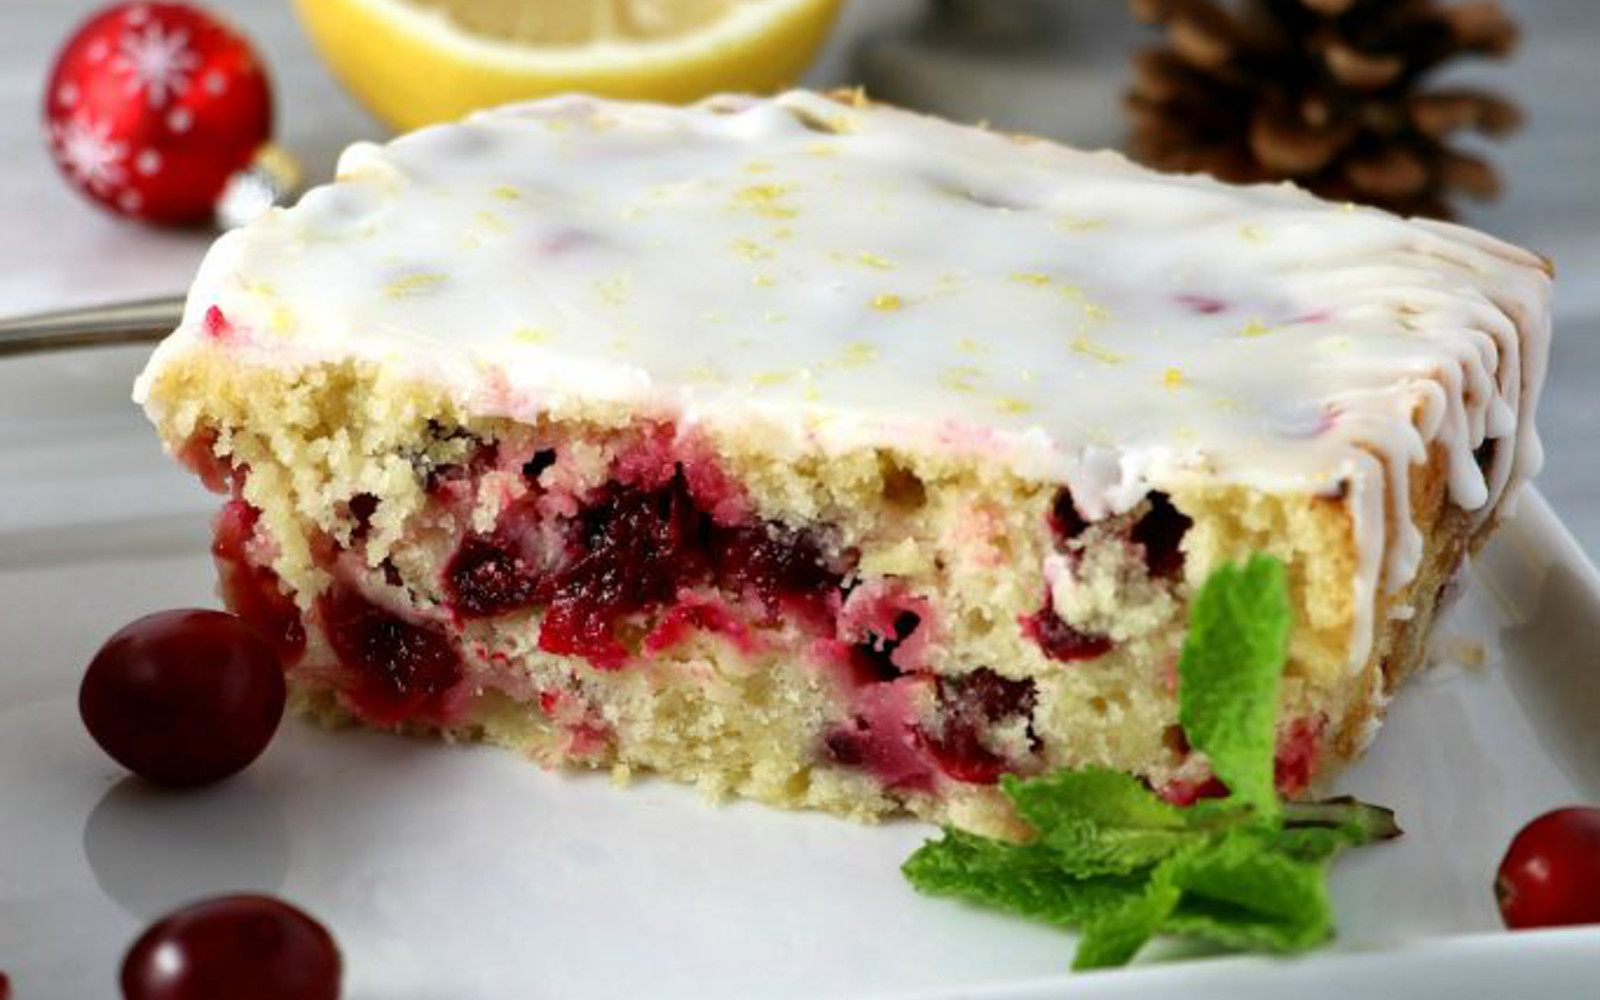 Cranberry Lemon Poundcake